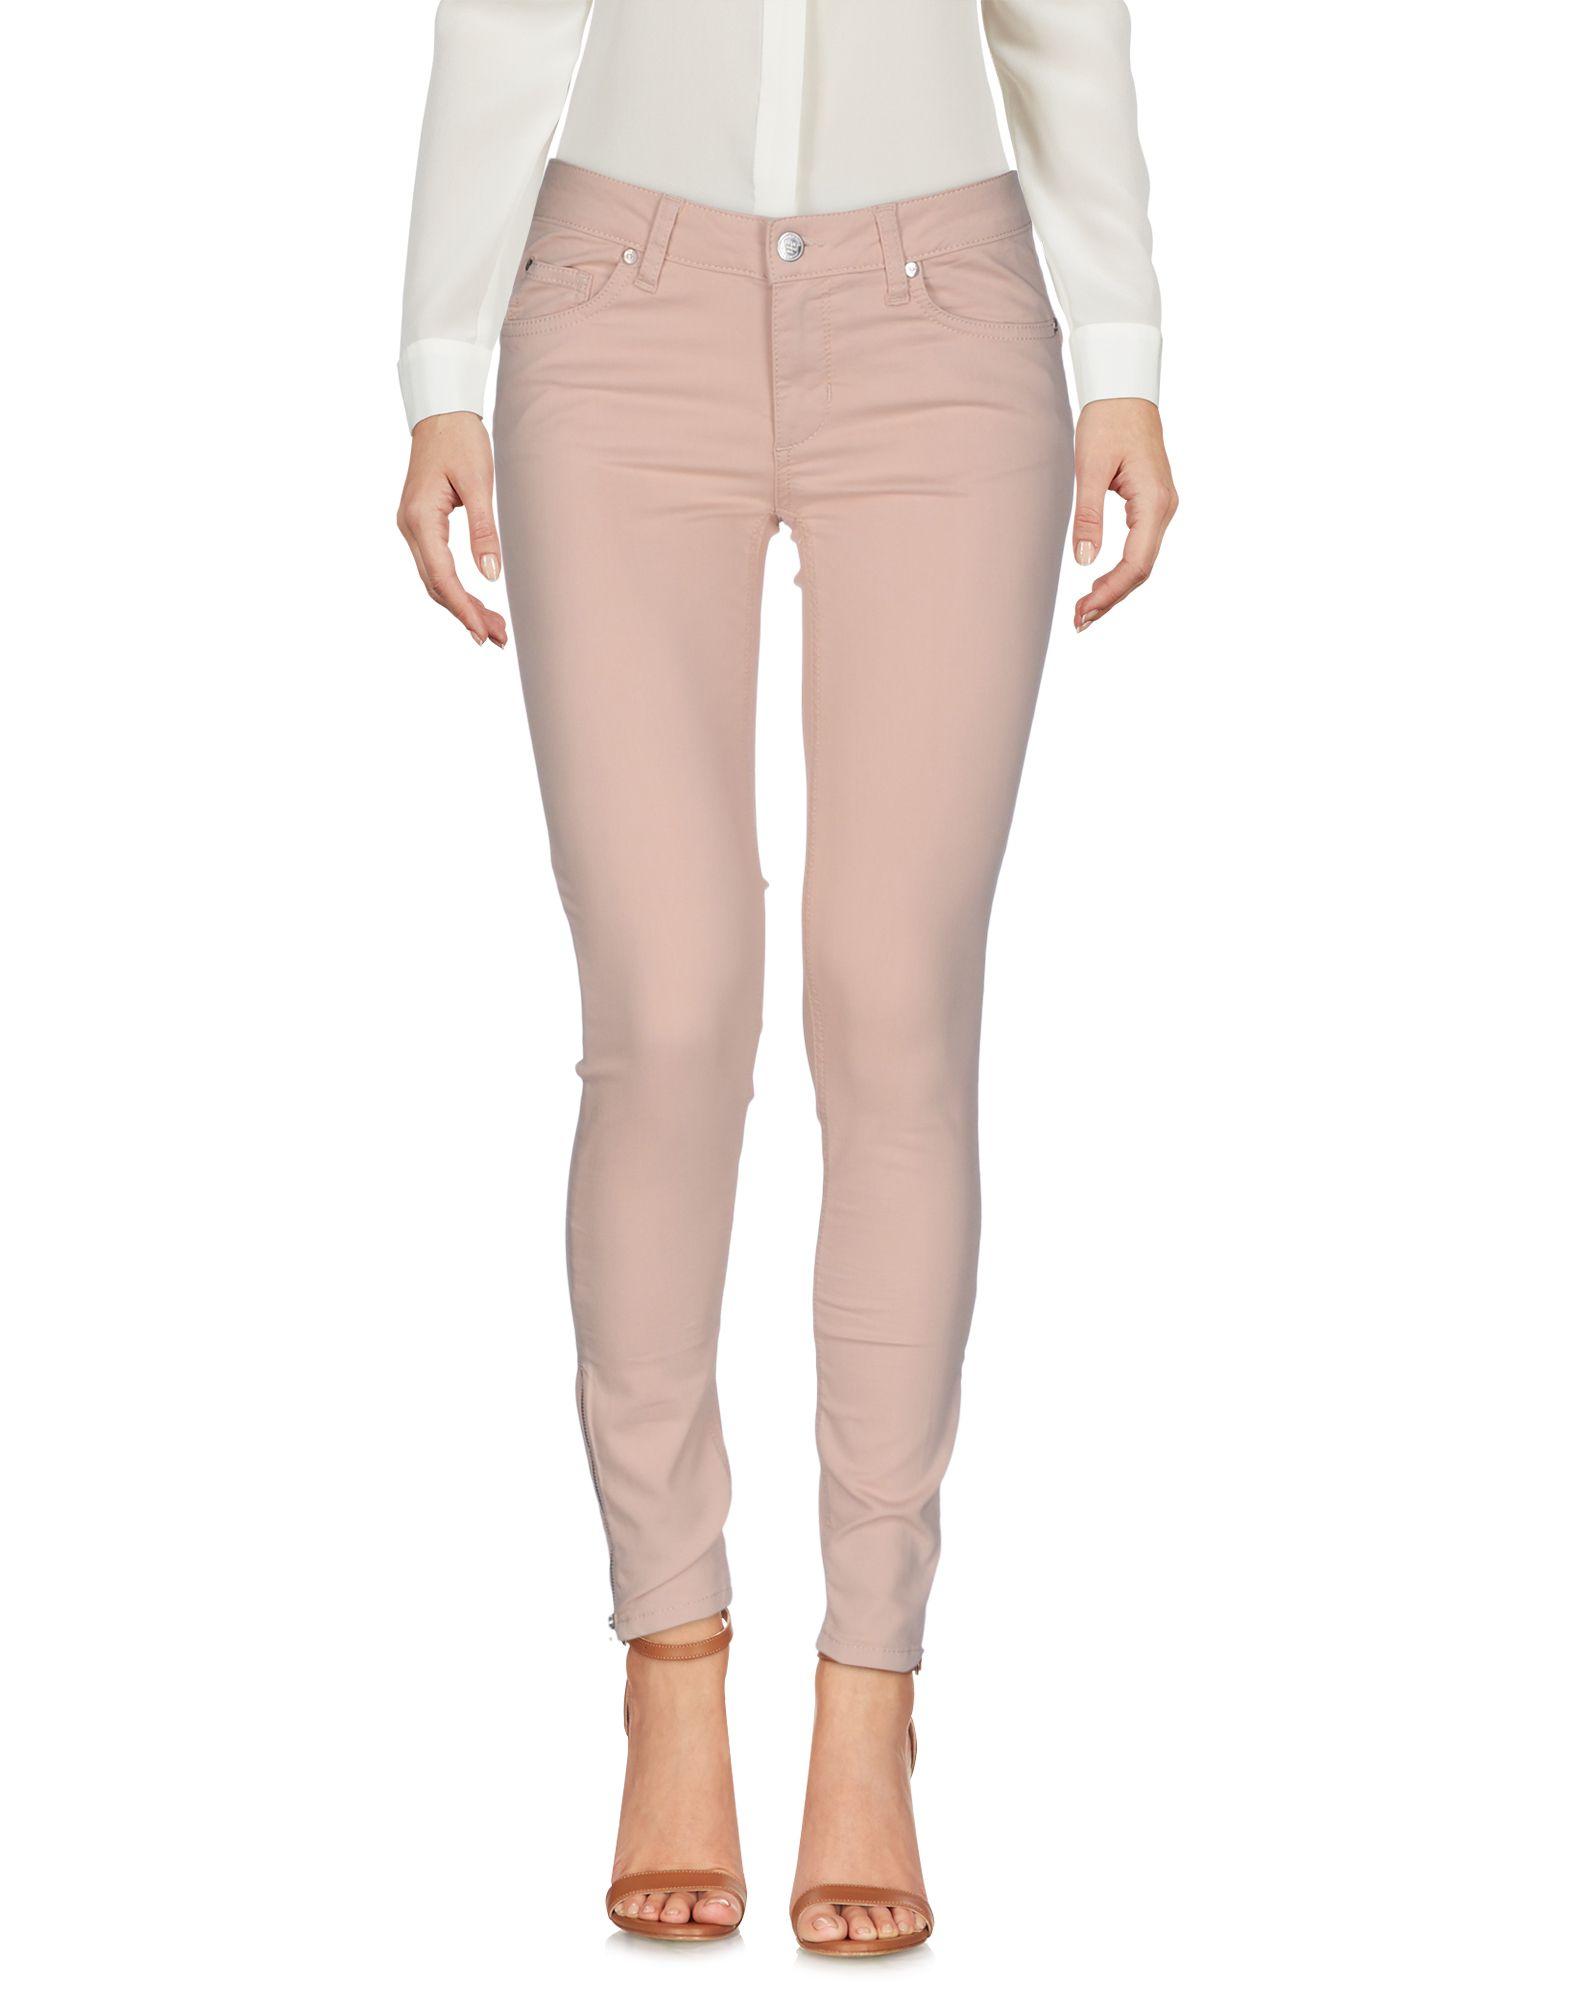 Pantalone Liu •Jo donna donna - 13089112II  Beliebt